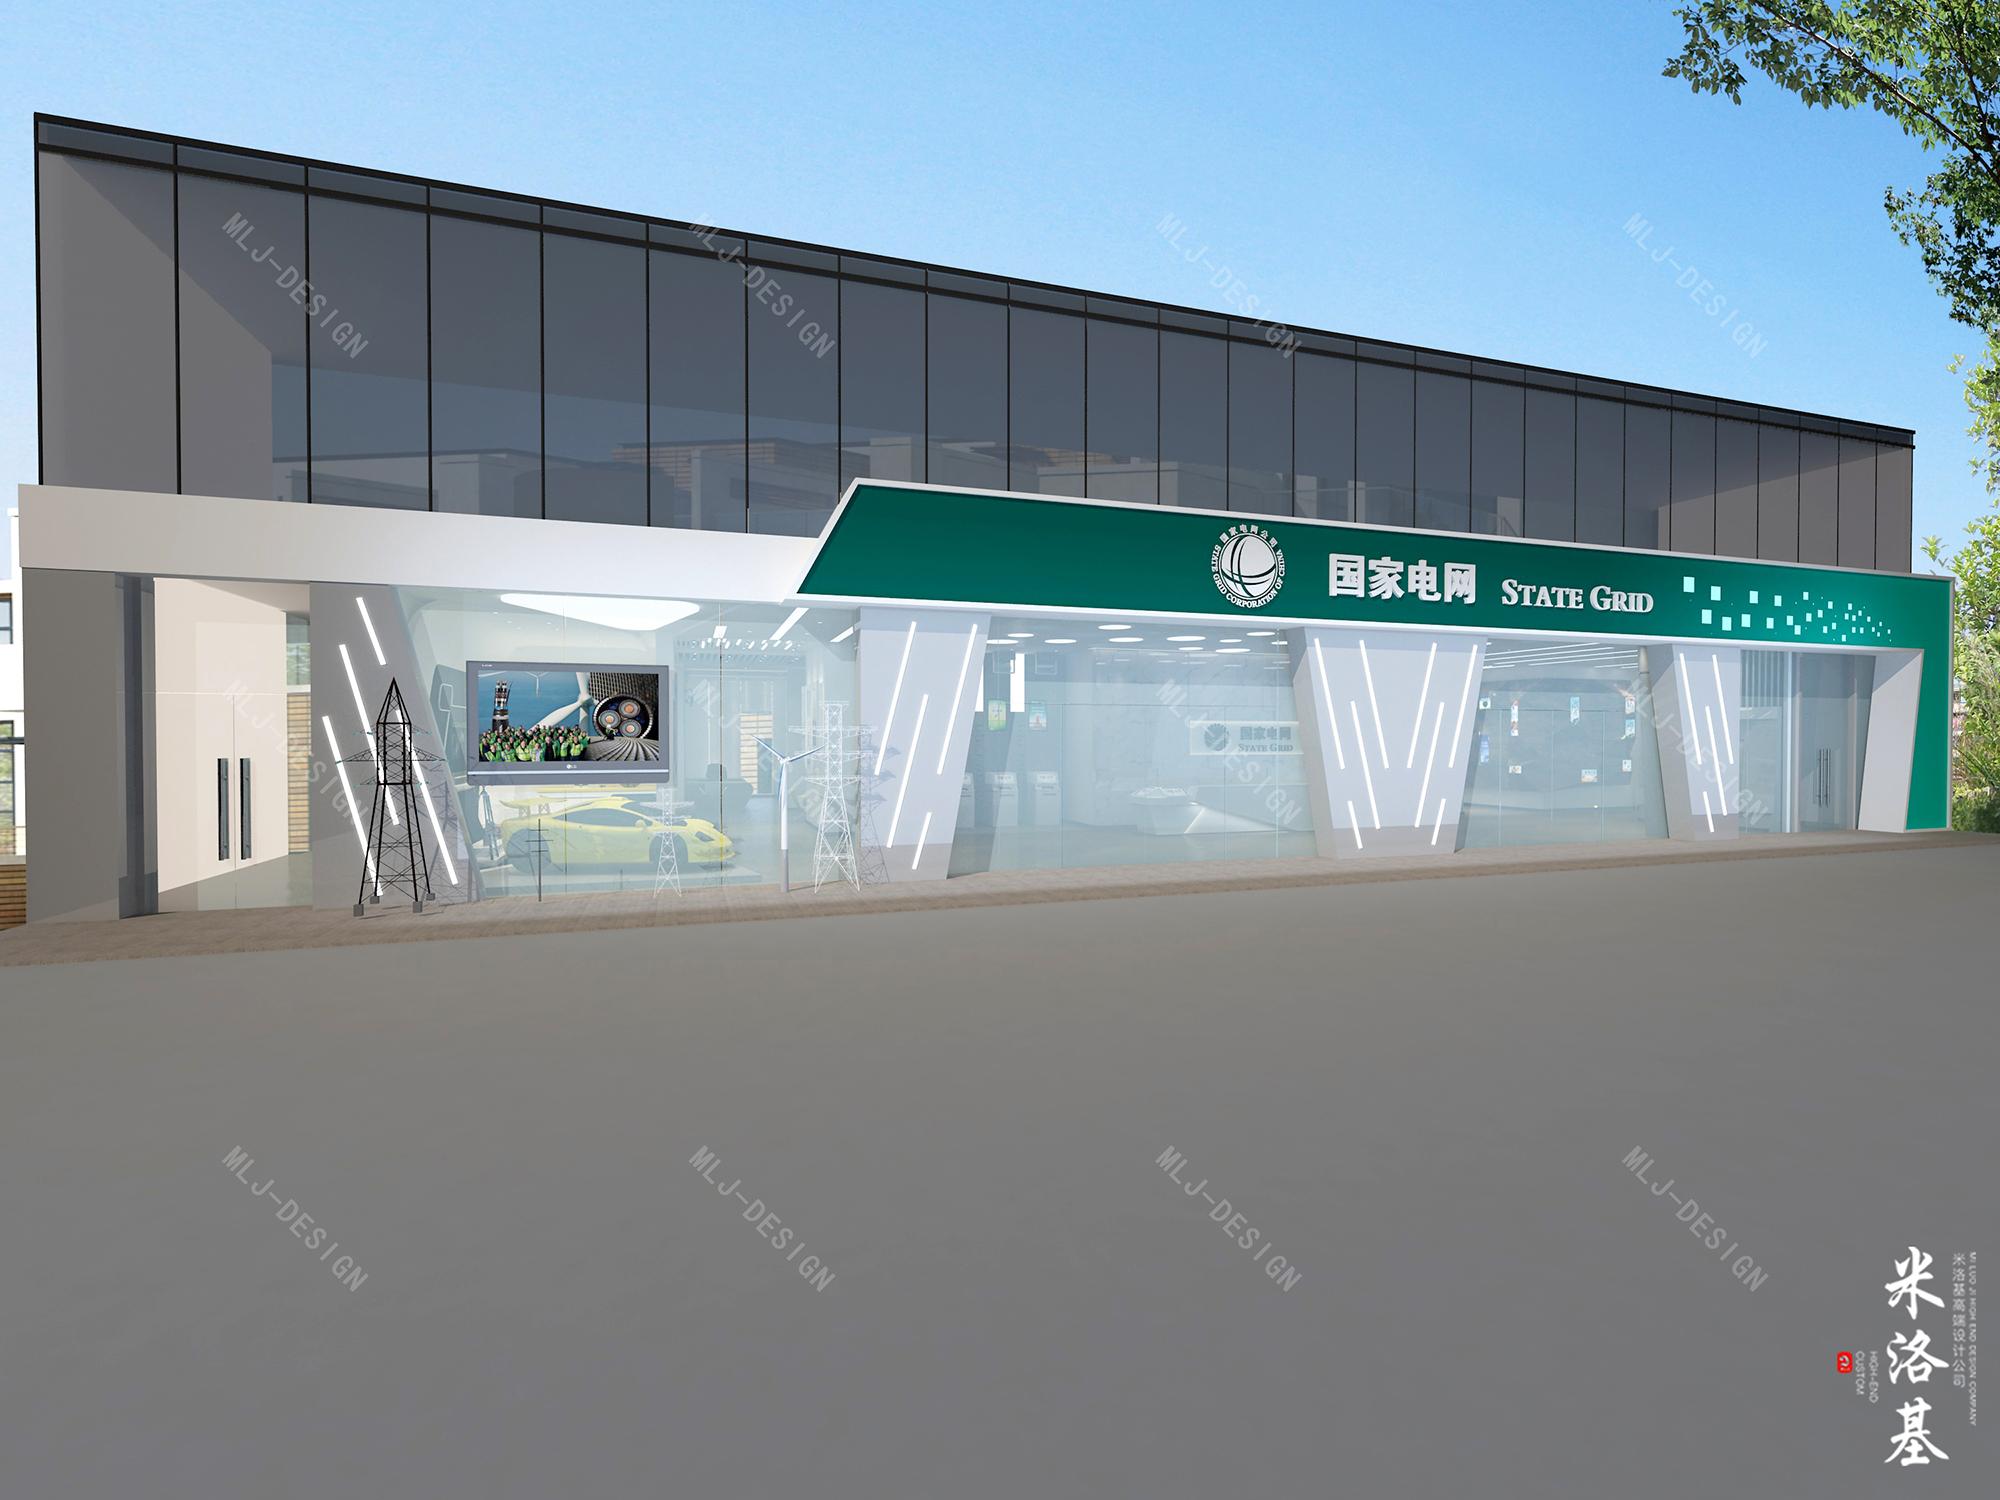 浙江电网电力营业厅效果图